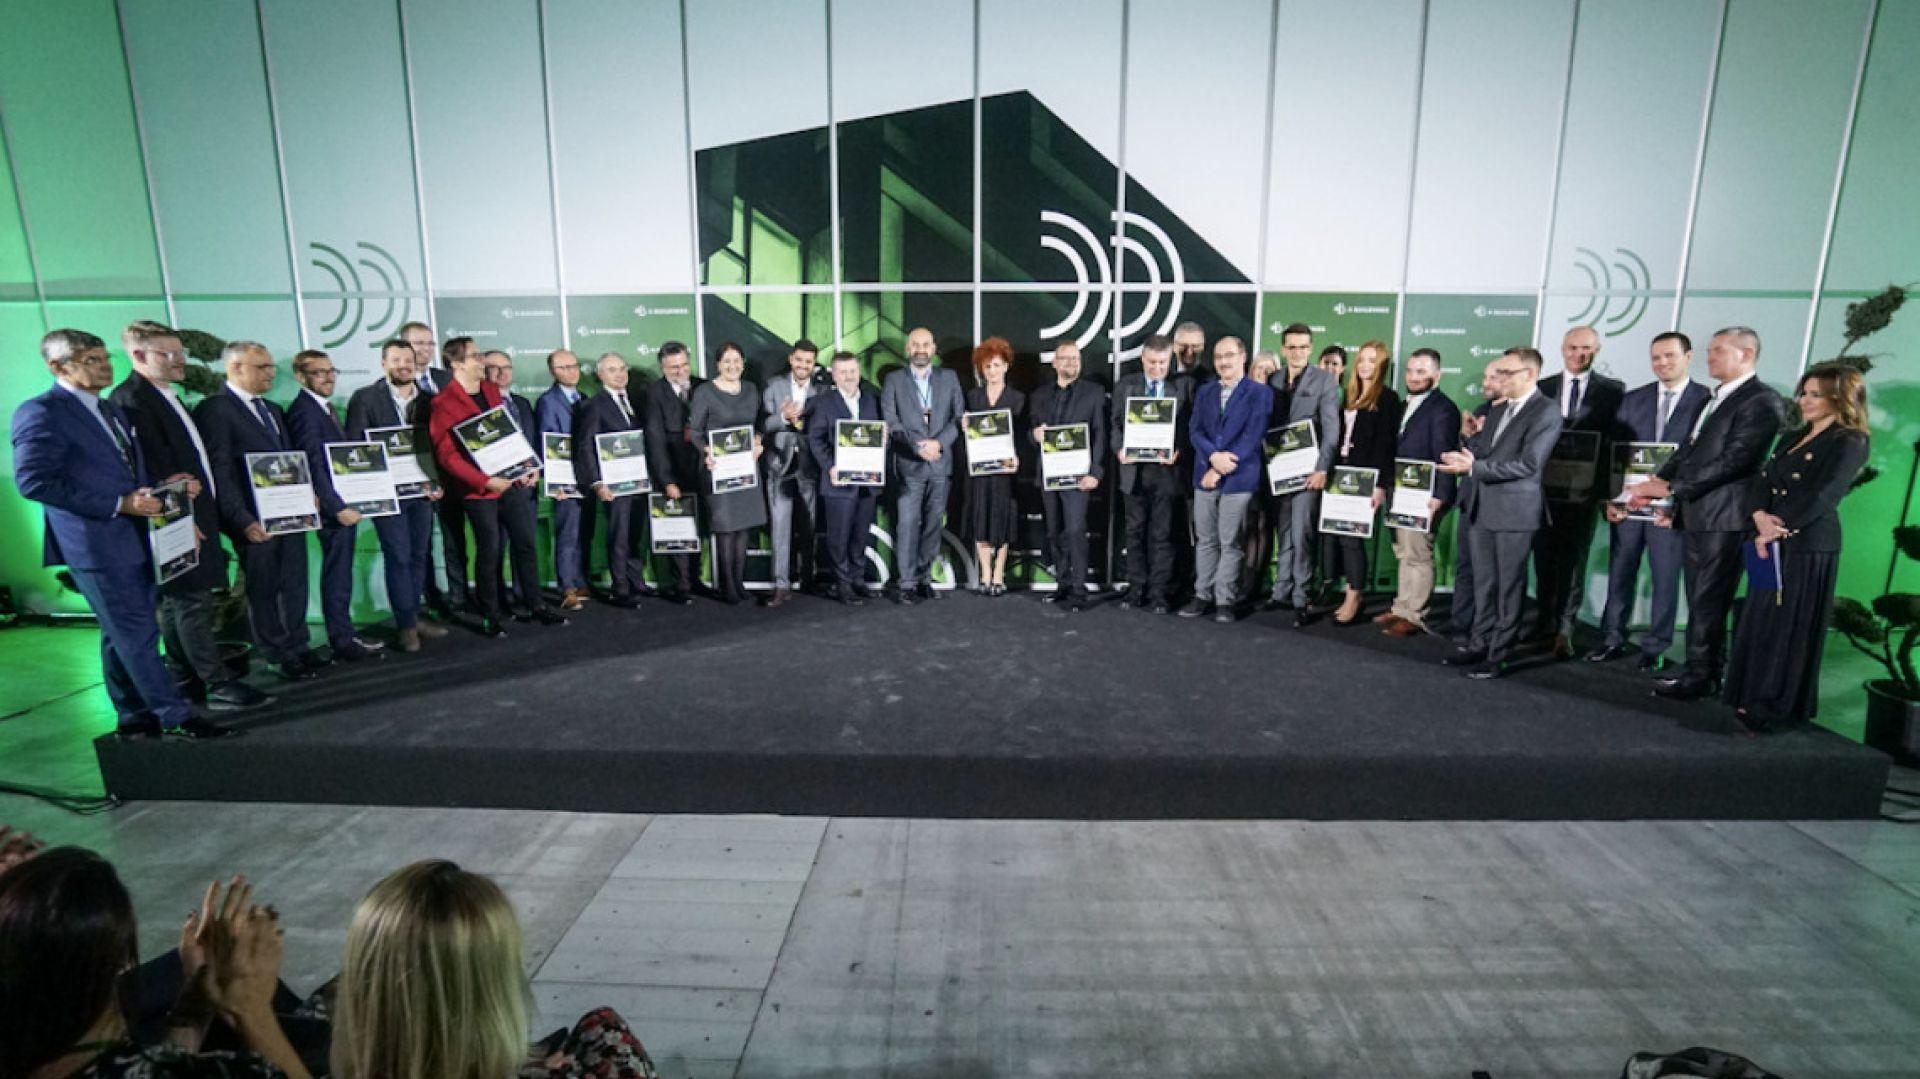 Zwycięzcy w konkursie 4Buildings Awards 2019. Fot. PTWP/Michał Oleksy